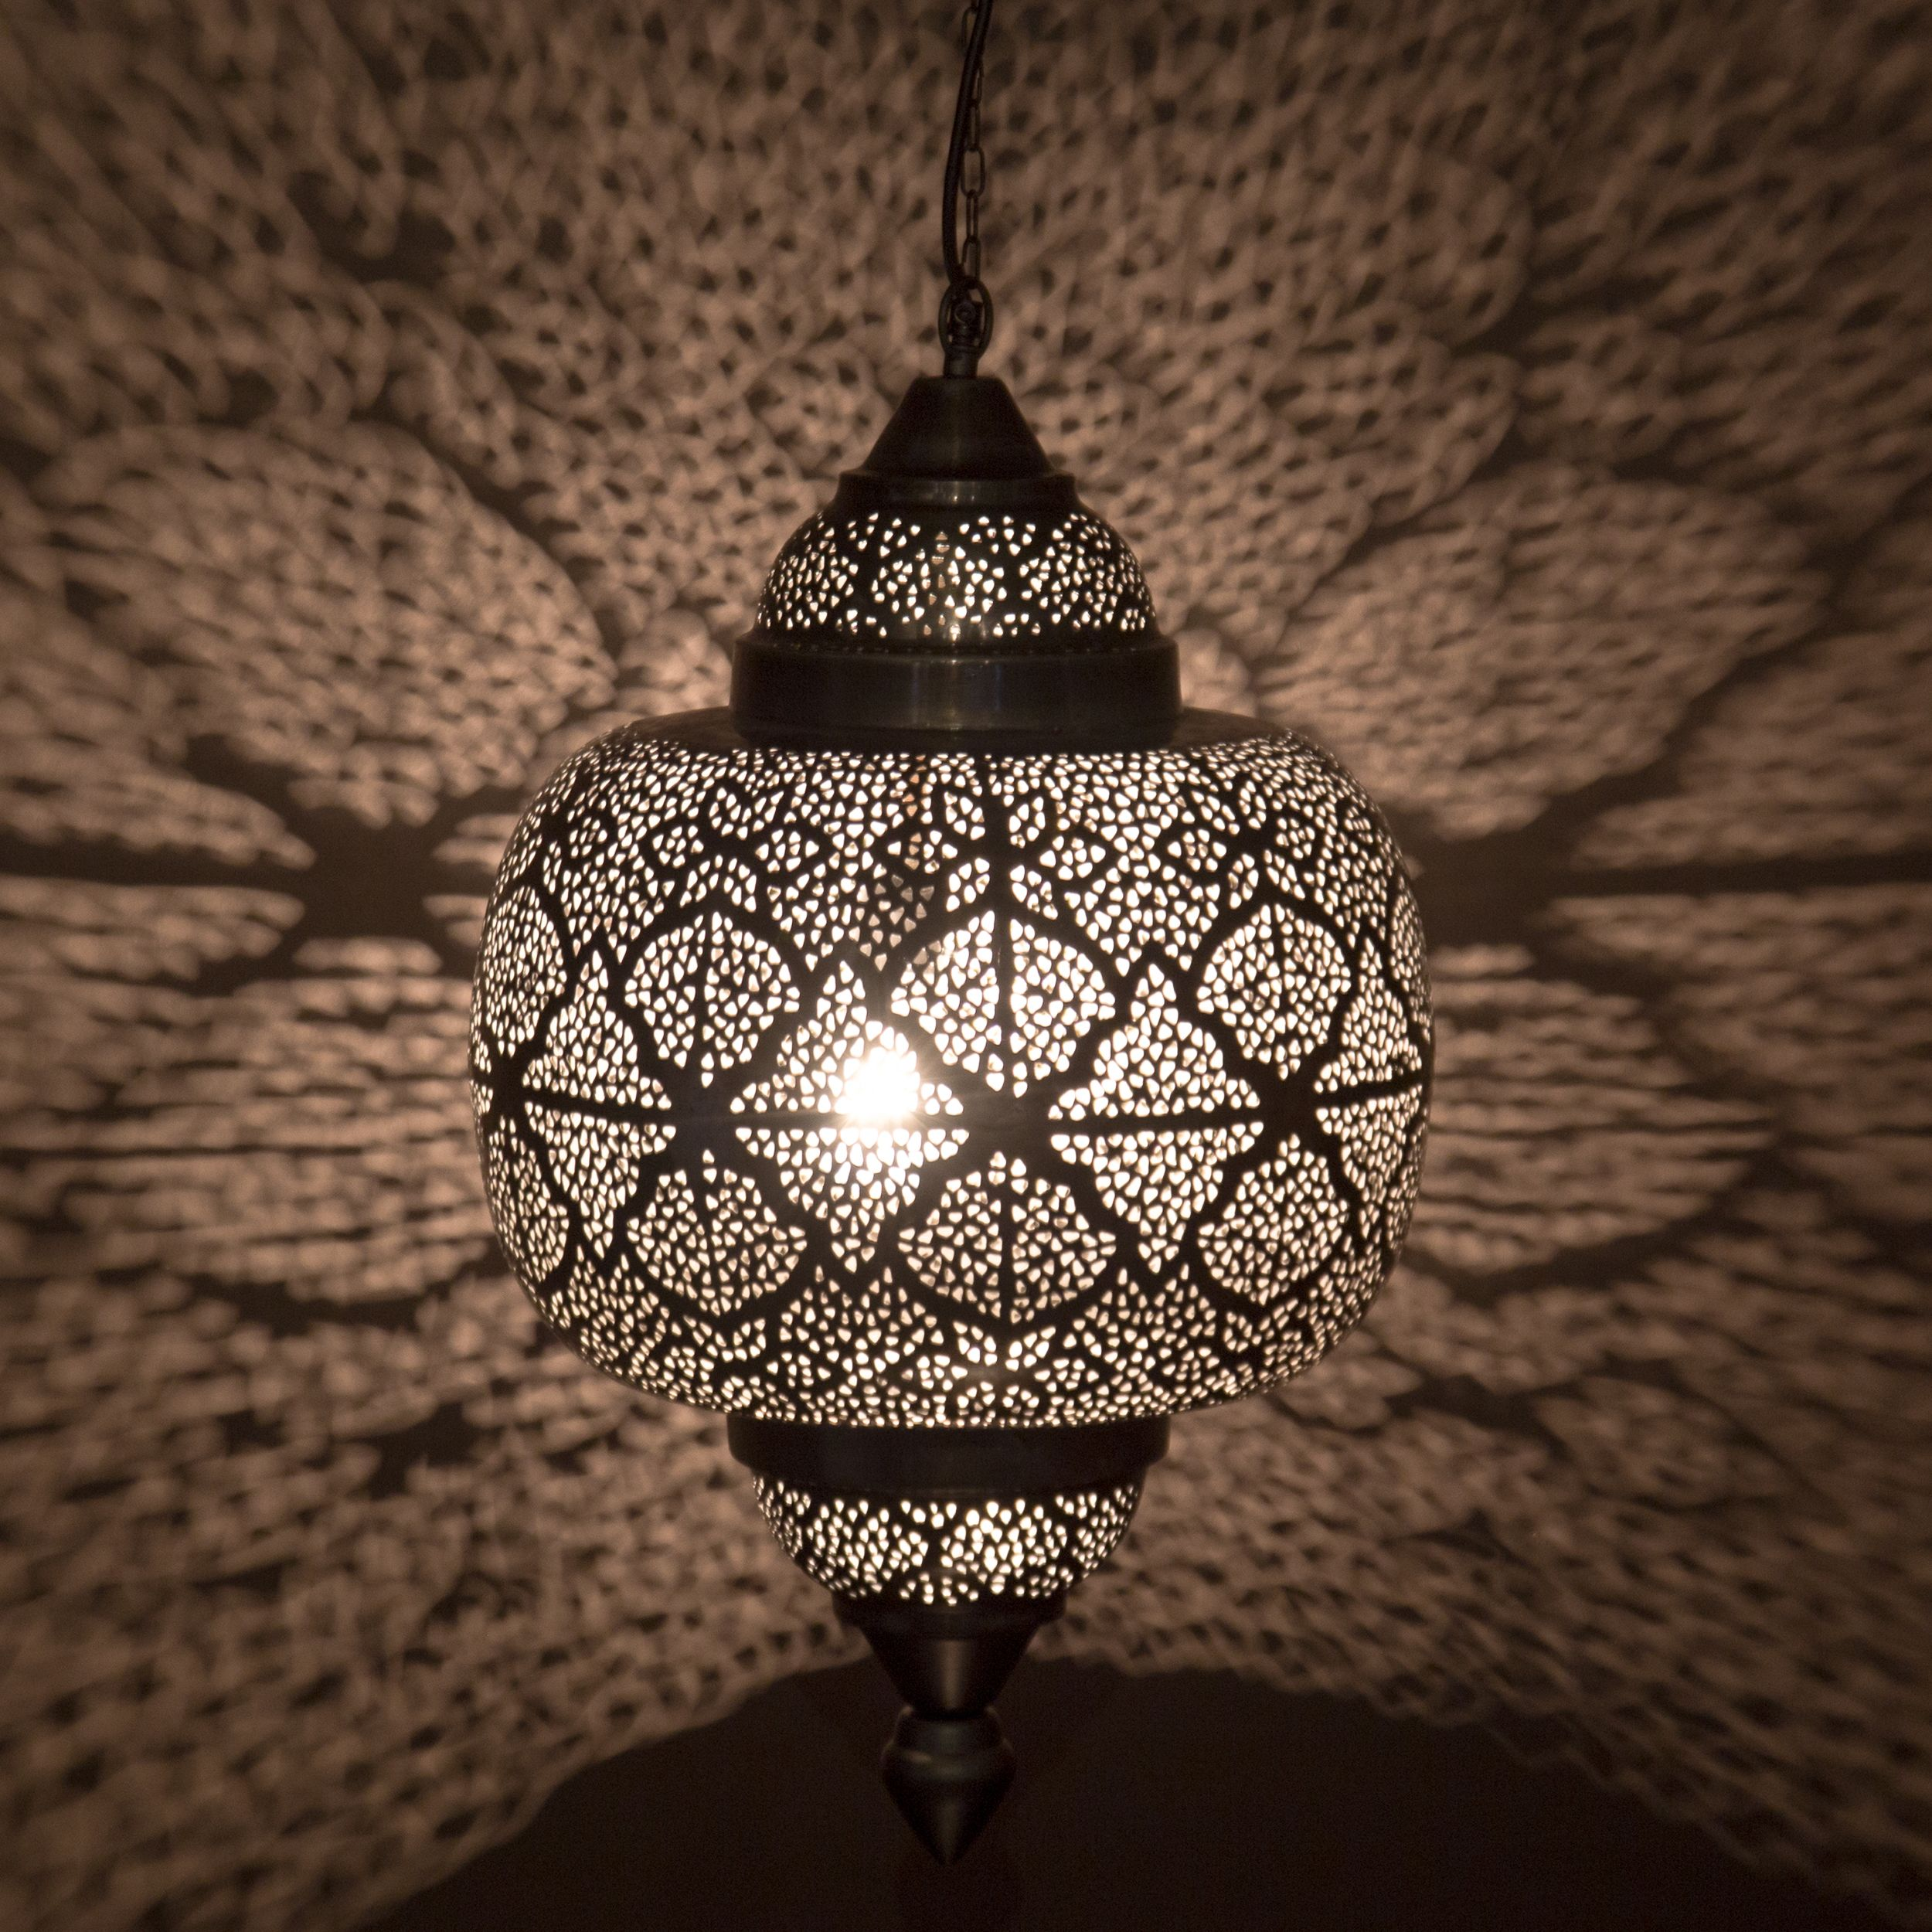 solarium lampen eben abbild der faeccdeefcbdd